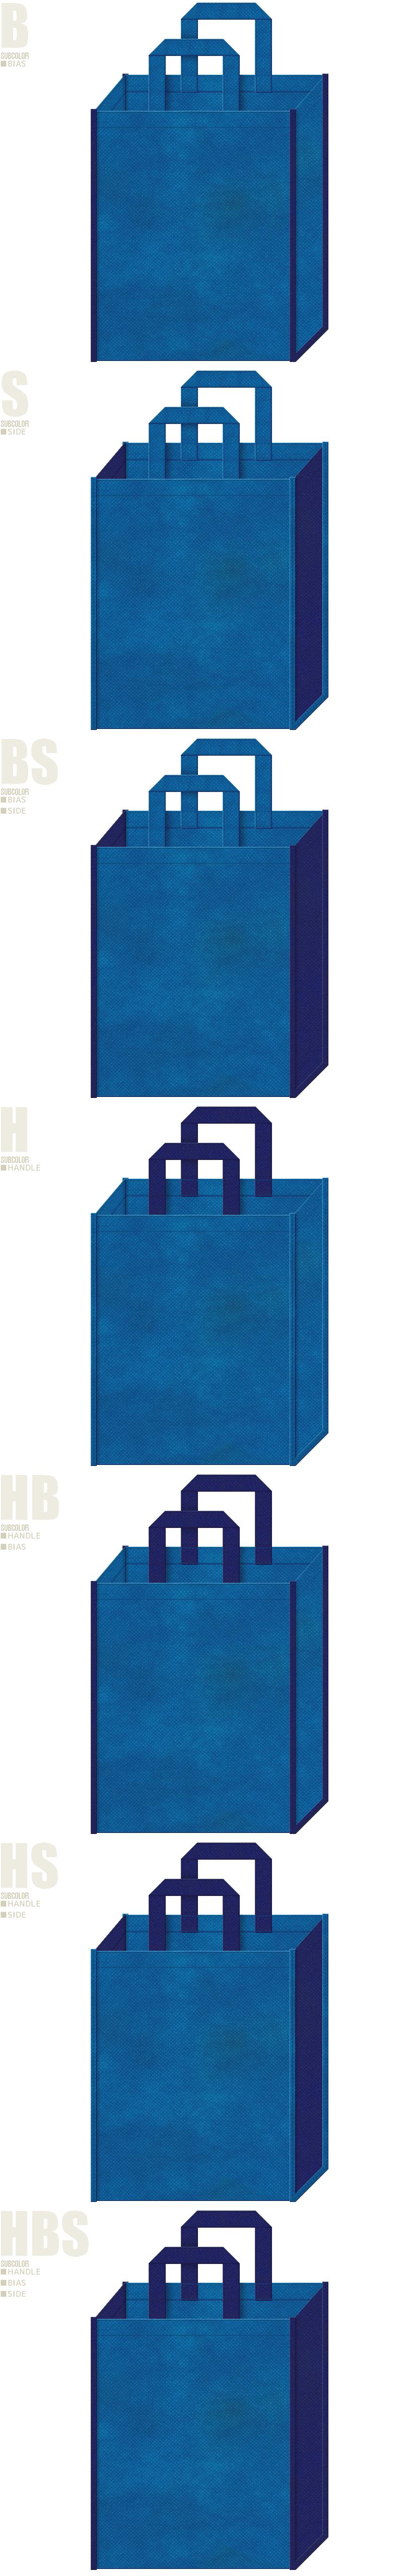 潜水艦・水族館・人工知能・電子部品・セキュリティーの展示会用バッグにお奨めの不織布バッグデザイン:青色と明るい紺色の不織布バッグ配色7パターン